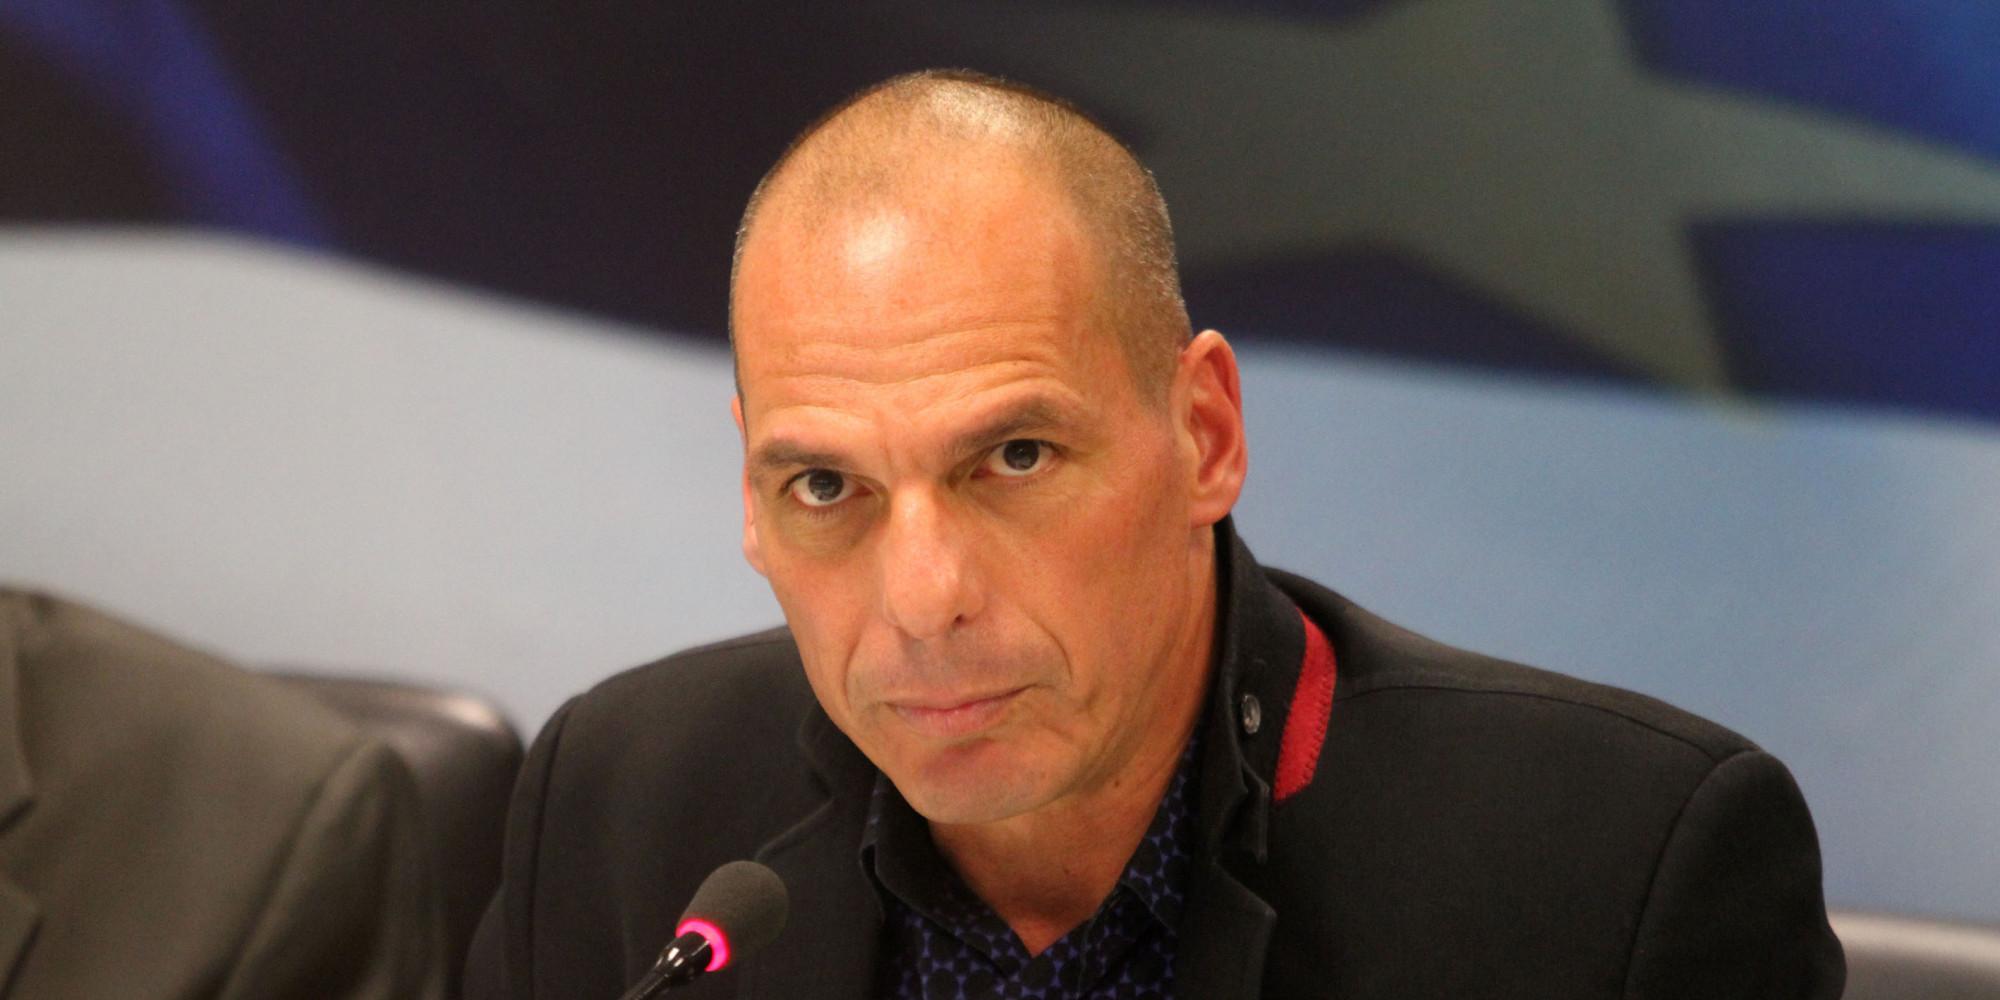 Γ.Βαρουφάκης: Δεν μπορεί να αποκλειστεί ακόμη και ένα Grexit